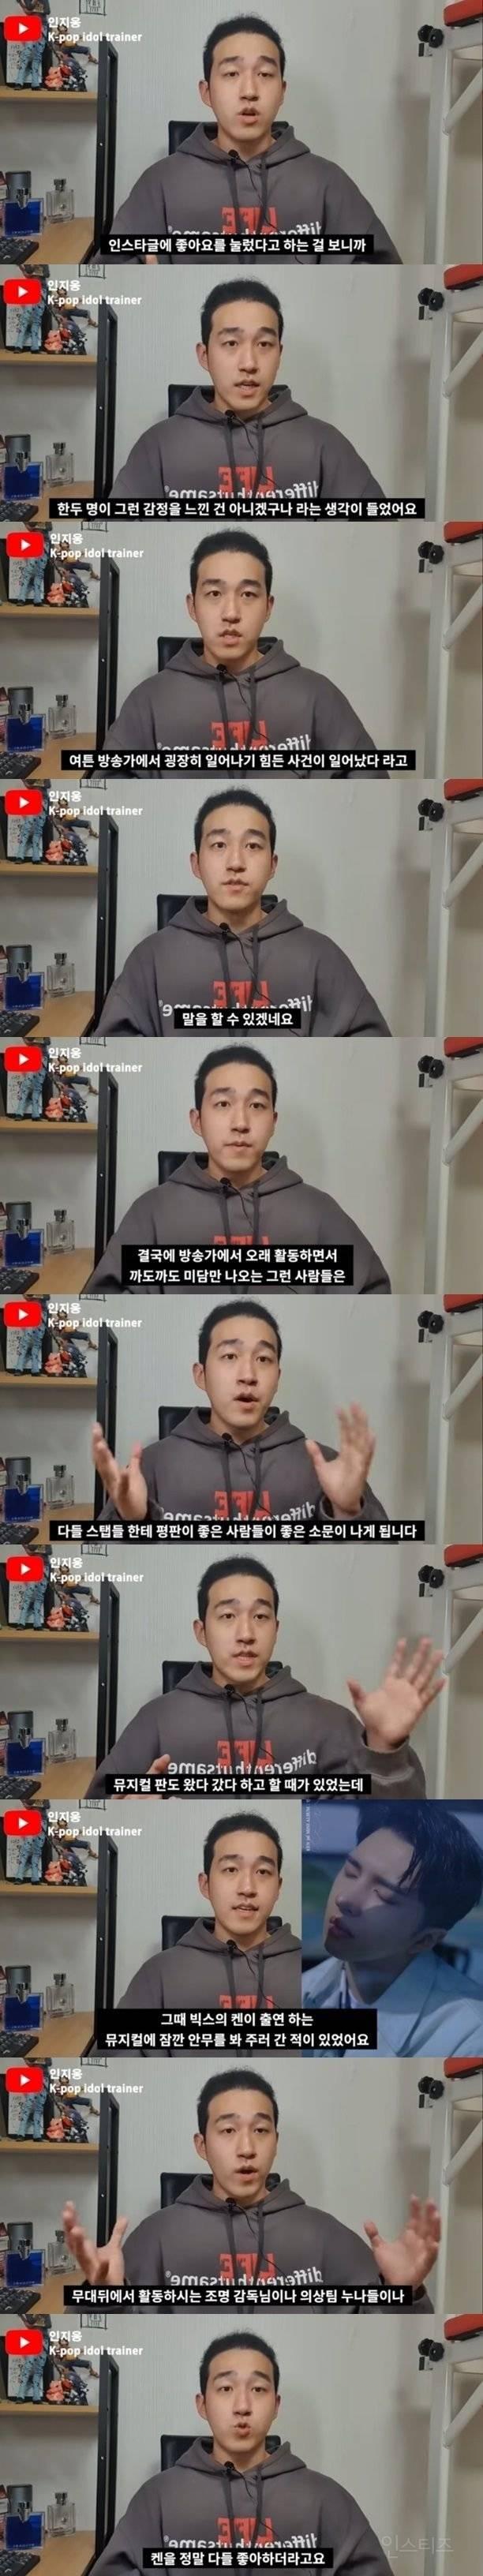 아이린 사태 보며 연예인 썰 푸는 방송 관계자 | 인스티즈